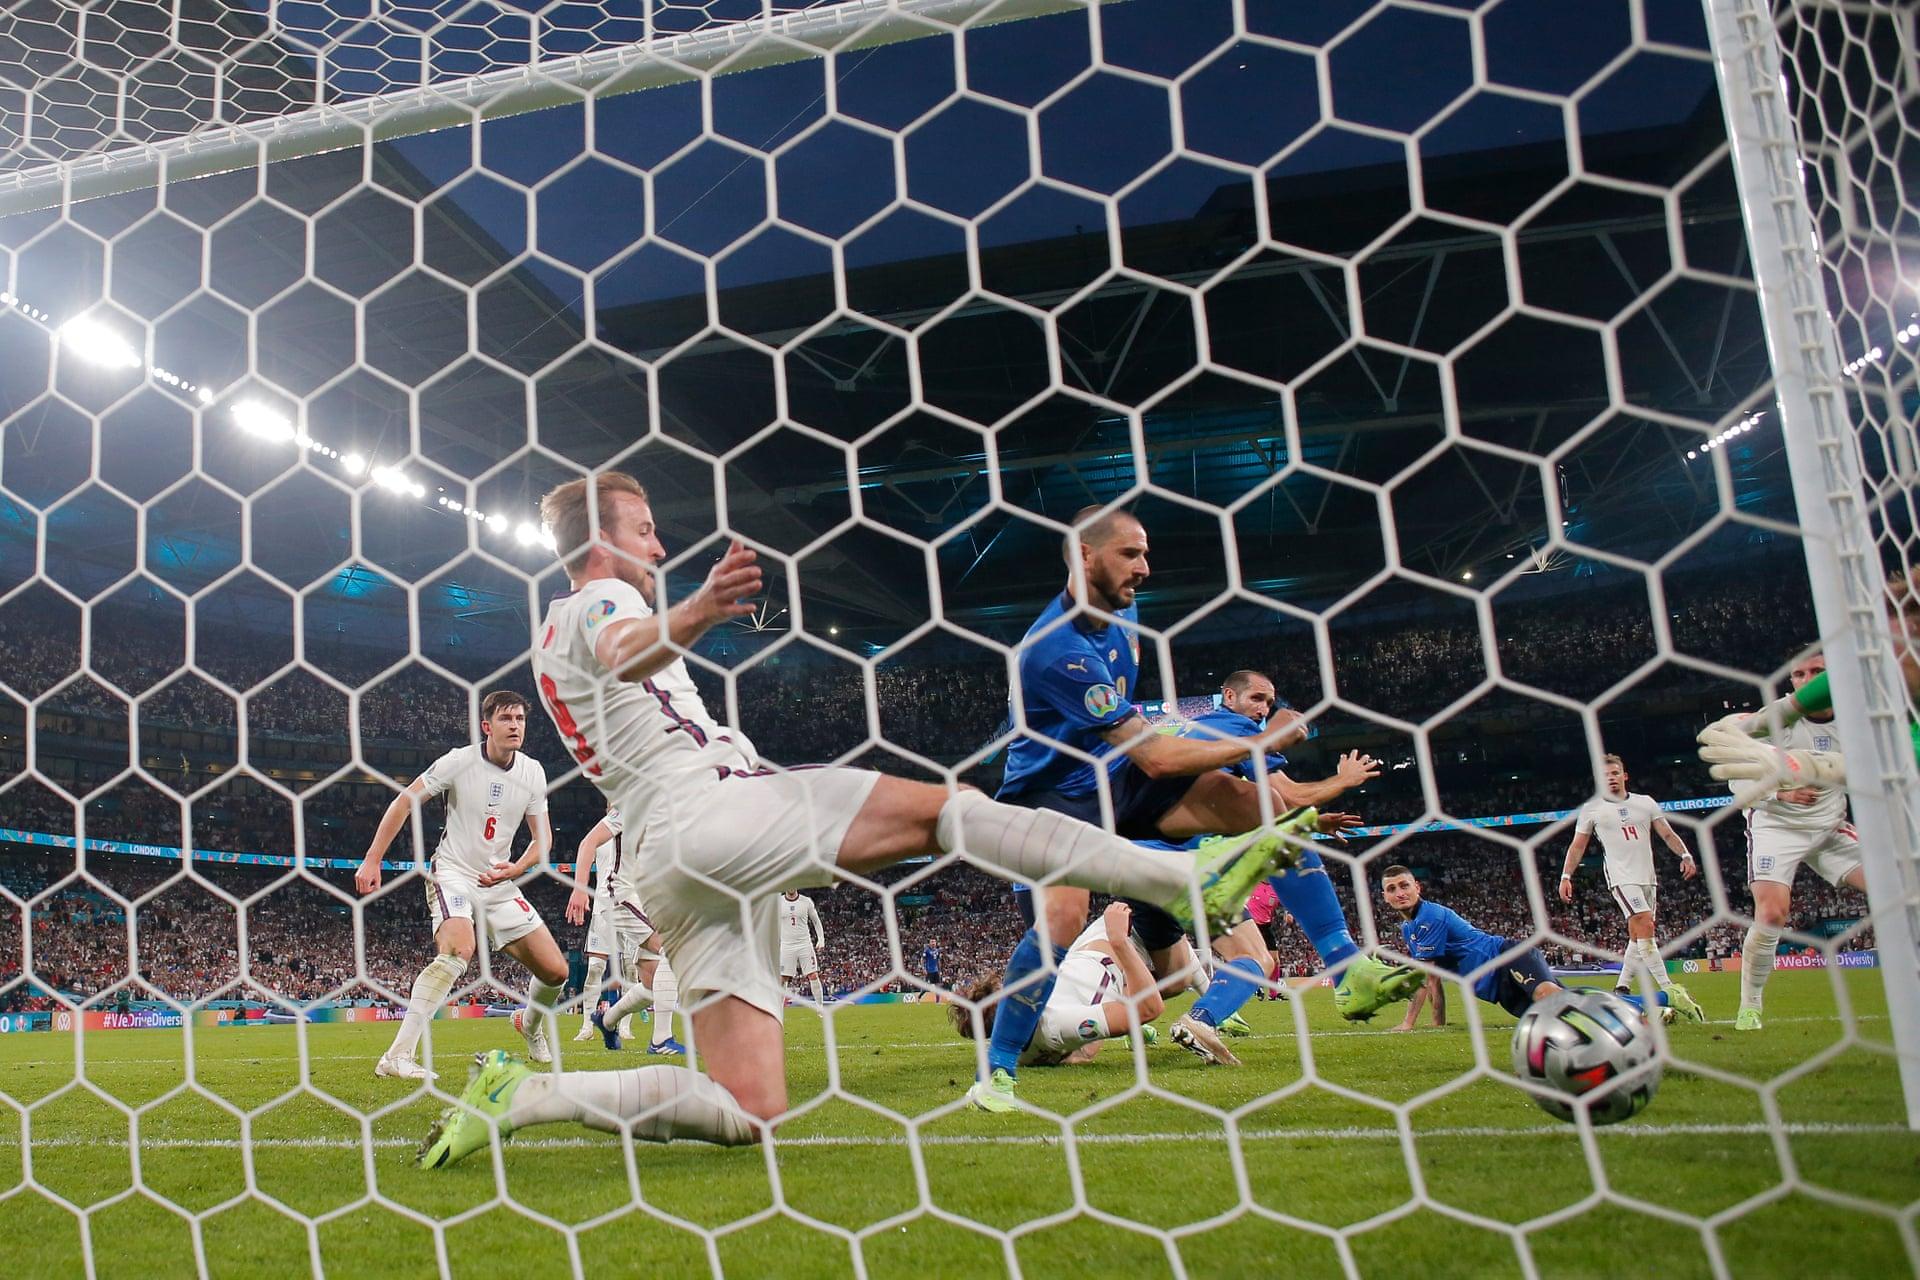 Chiellini cũng tham gia vào tình huống phạt góc dẫn đến bàn gỡ 1-1 của Bonucci trước tuyển Anh trong trận chung kết tại Wembley hôm 11/7. Ảnh: Guardian